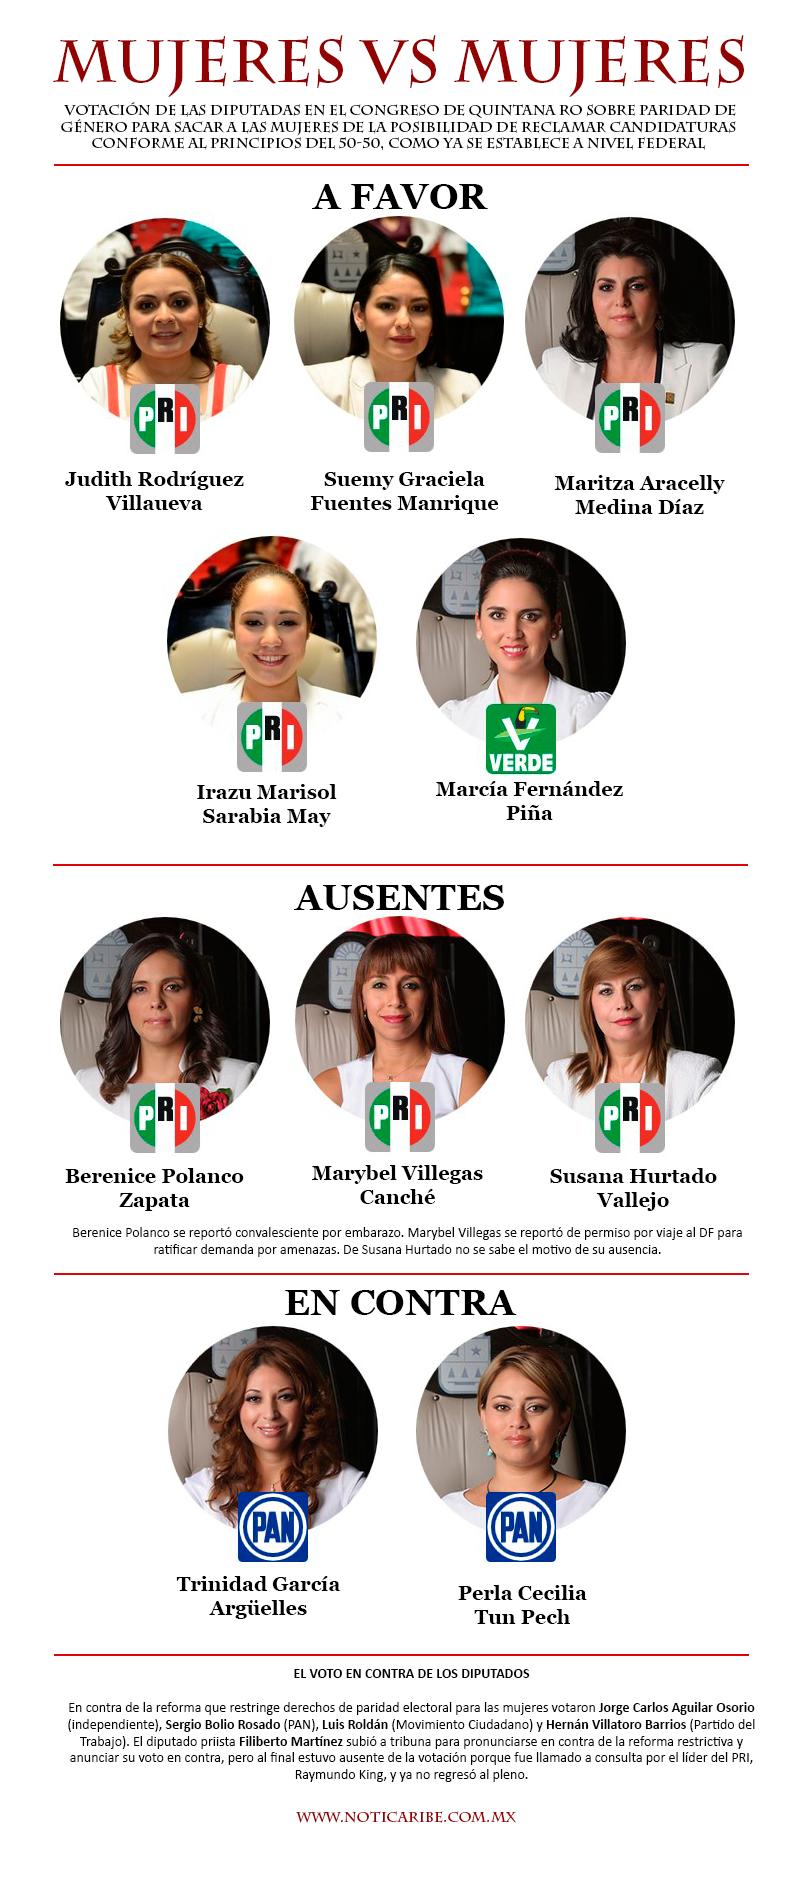 ENMENDARÁN REFORMA ELECTORAL: Tras polémica por paridad de género y freno a independientes, corregirán entuerto en sesión extraordinaria